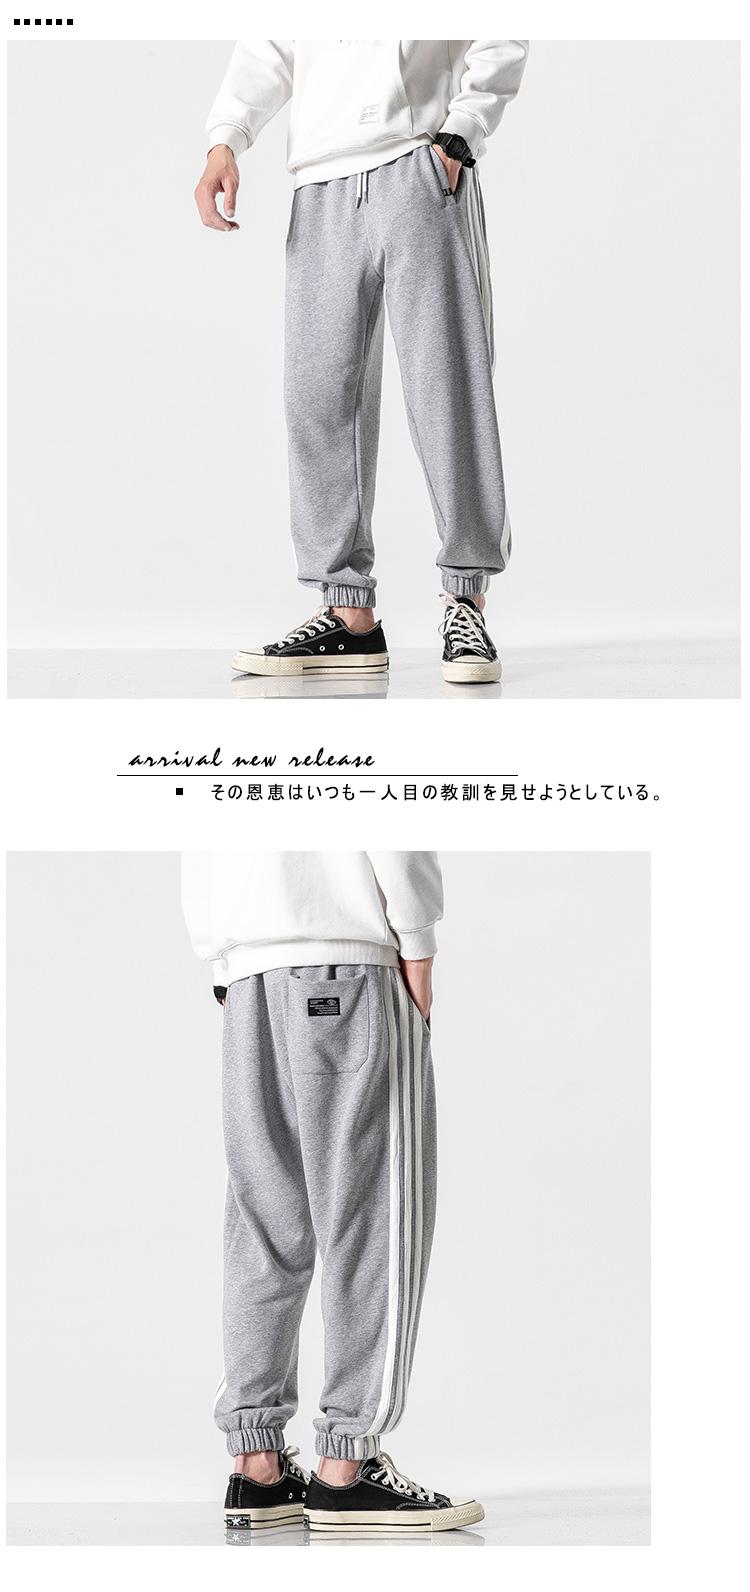 2020 秋季新款 日系无影墙大码三道杠运动九分裤M-5X HK20112-P55